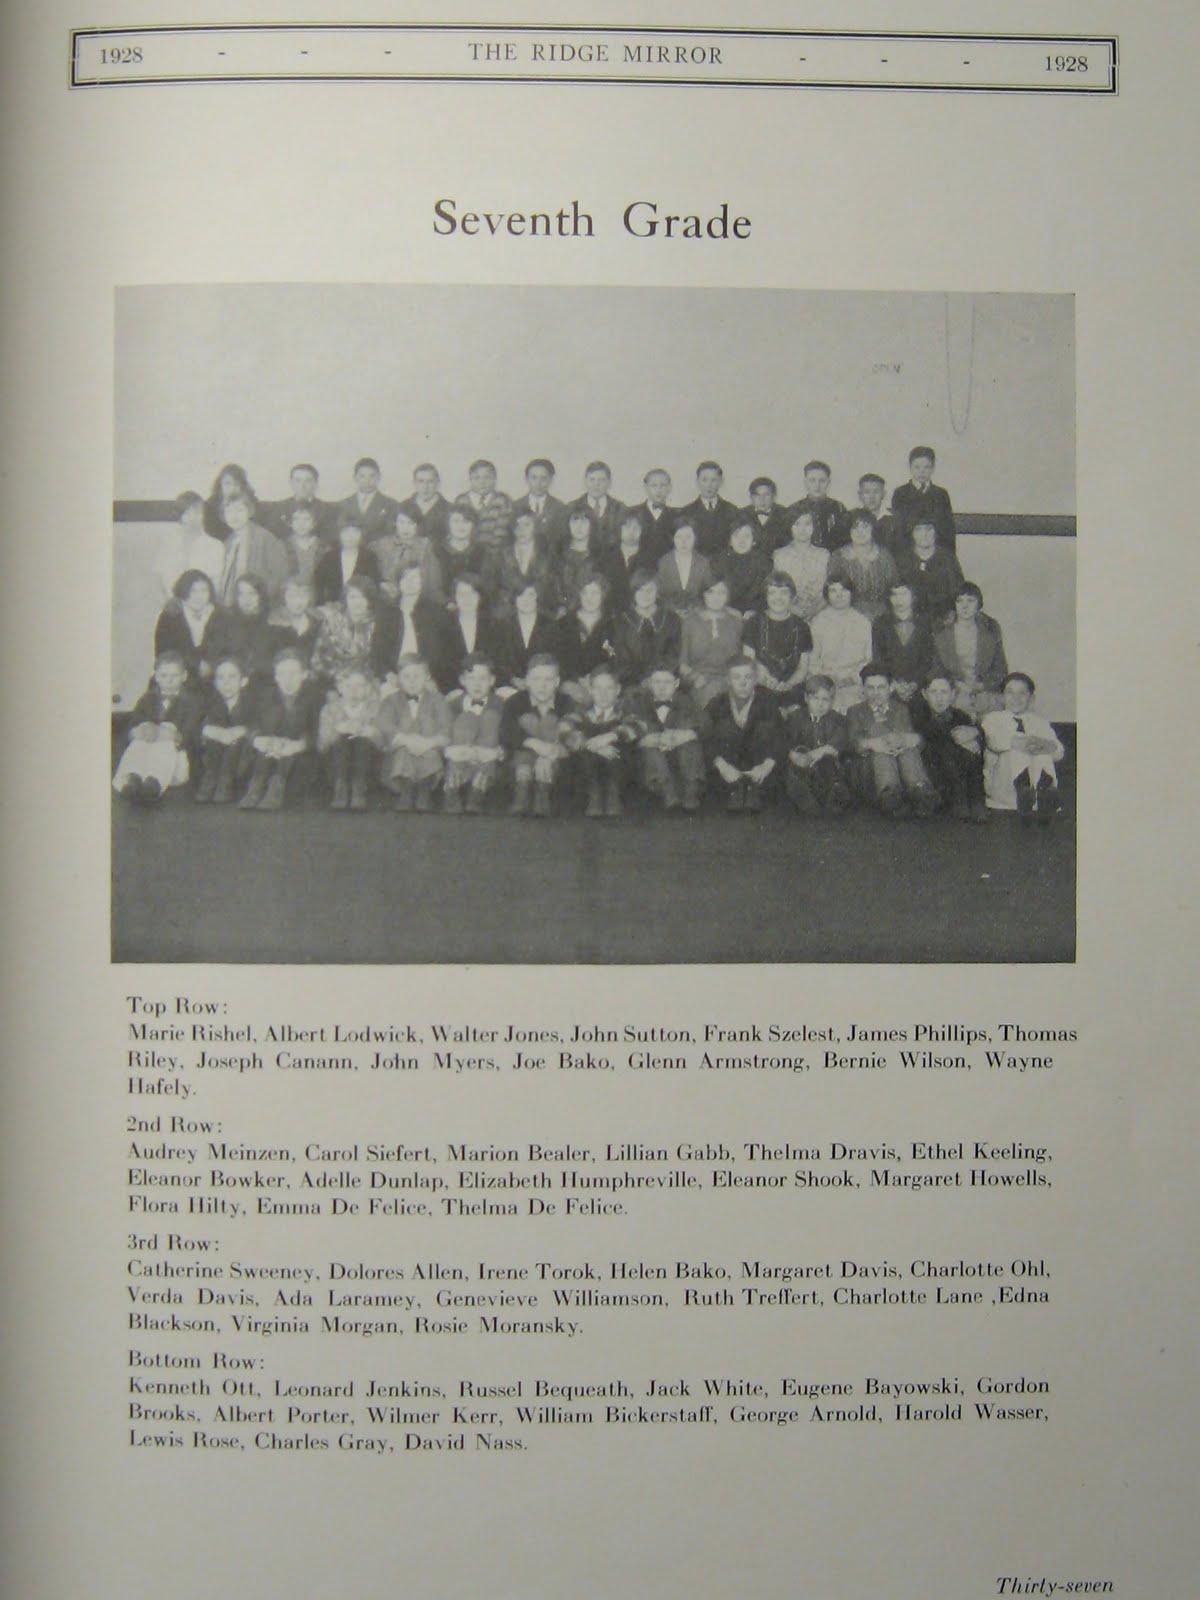 8th Grade Graduation Yearbook Quotes Quotesgram